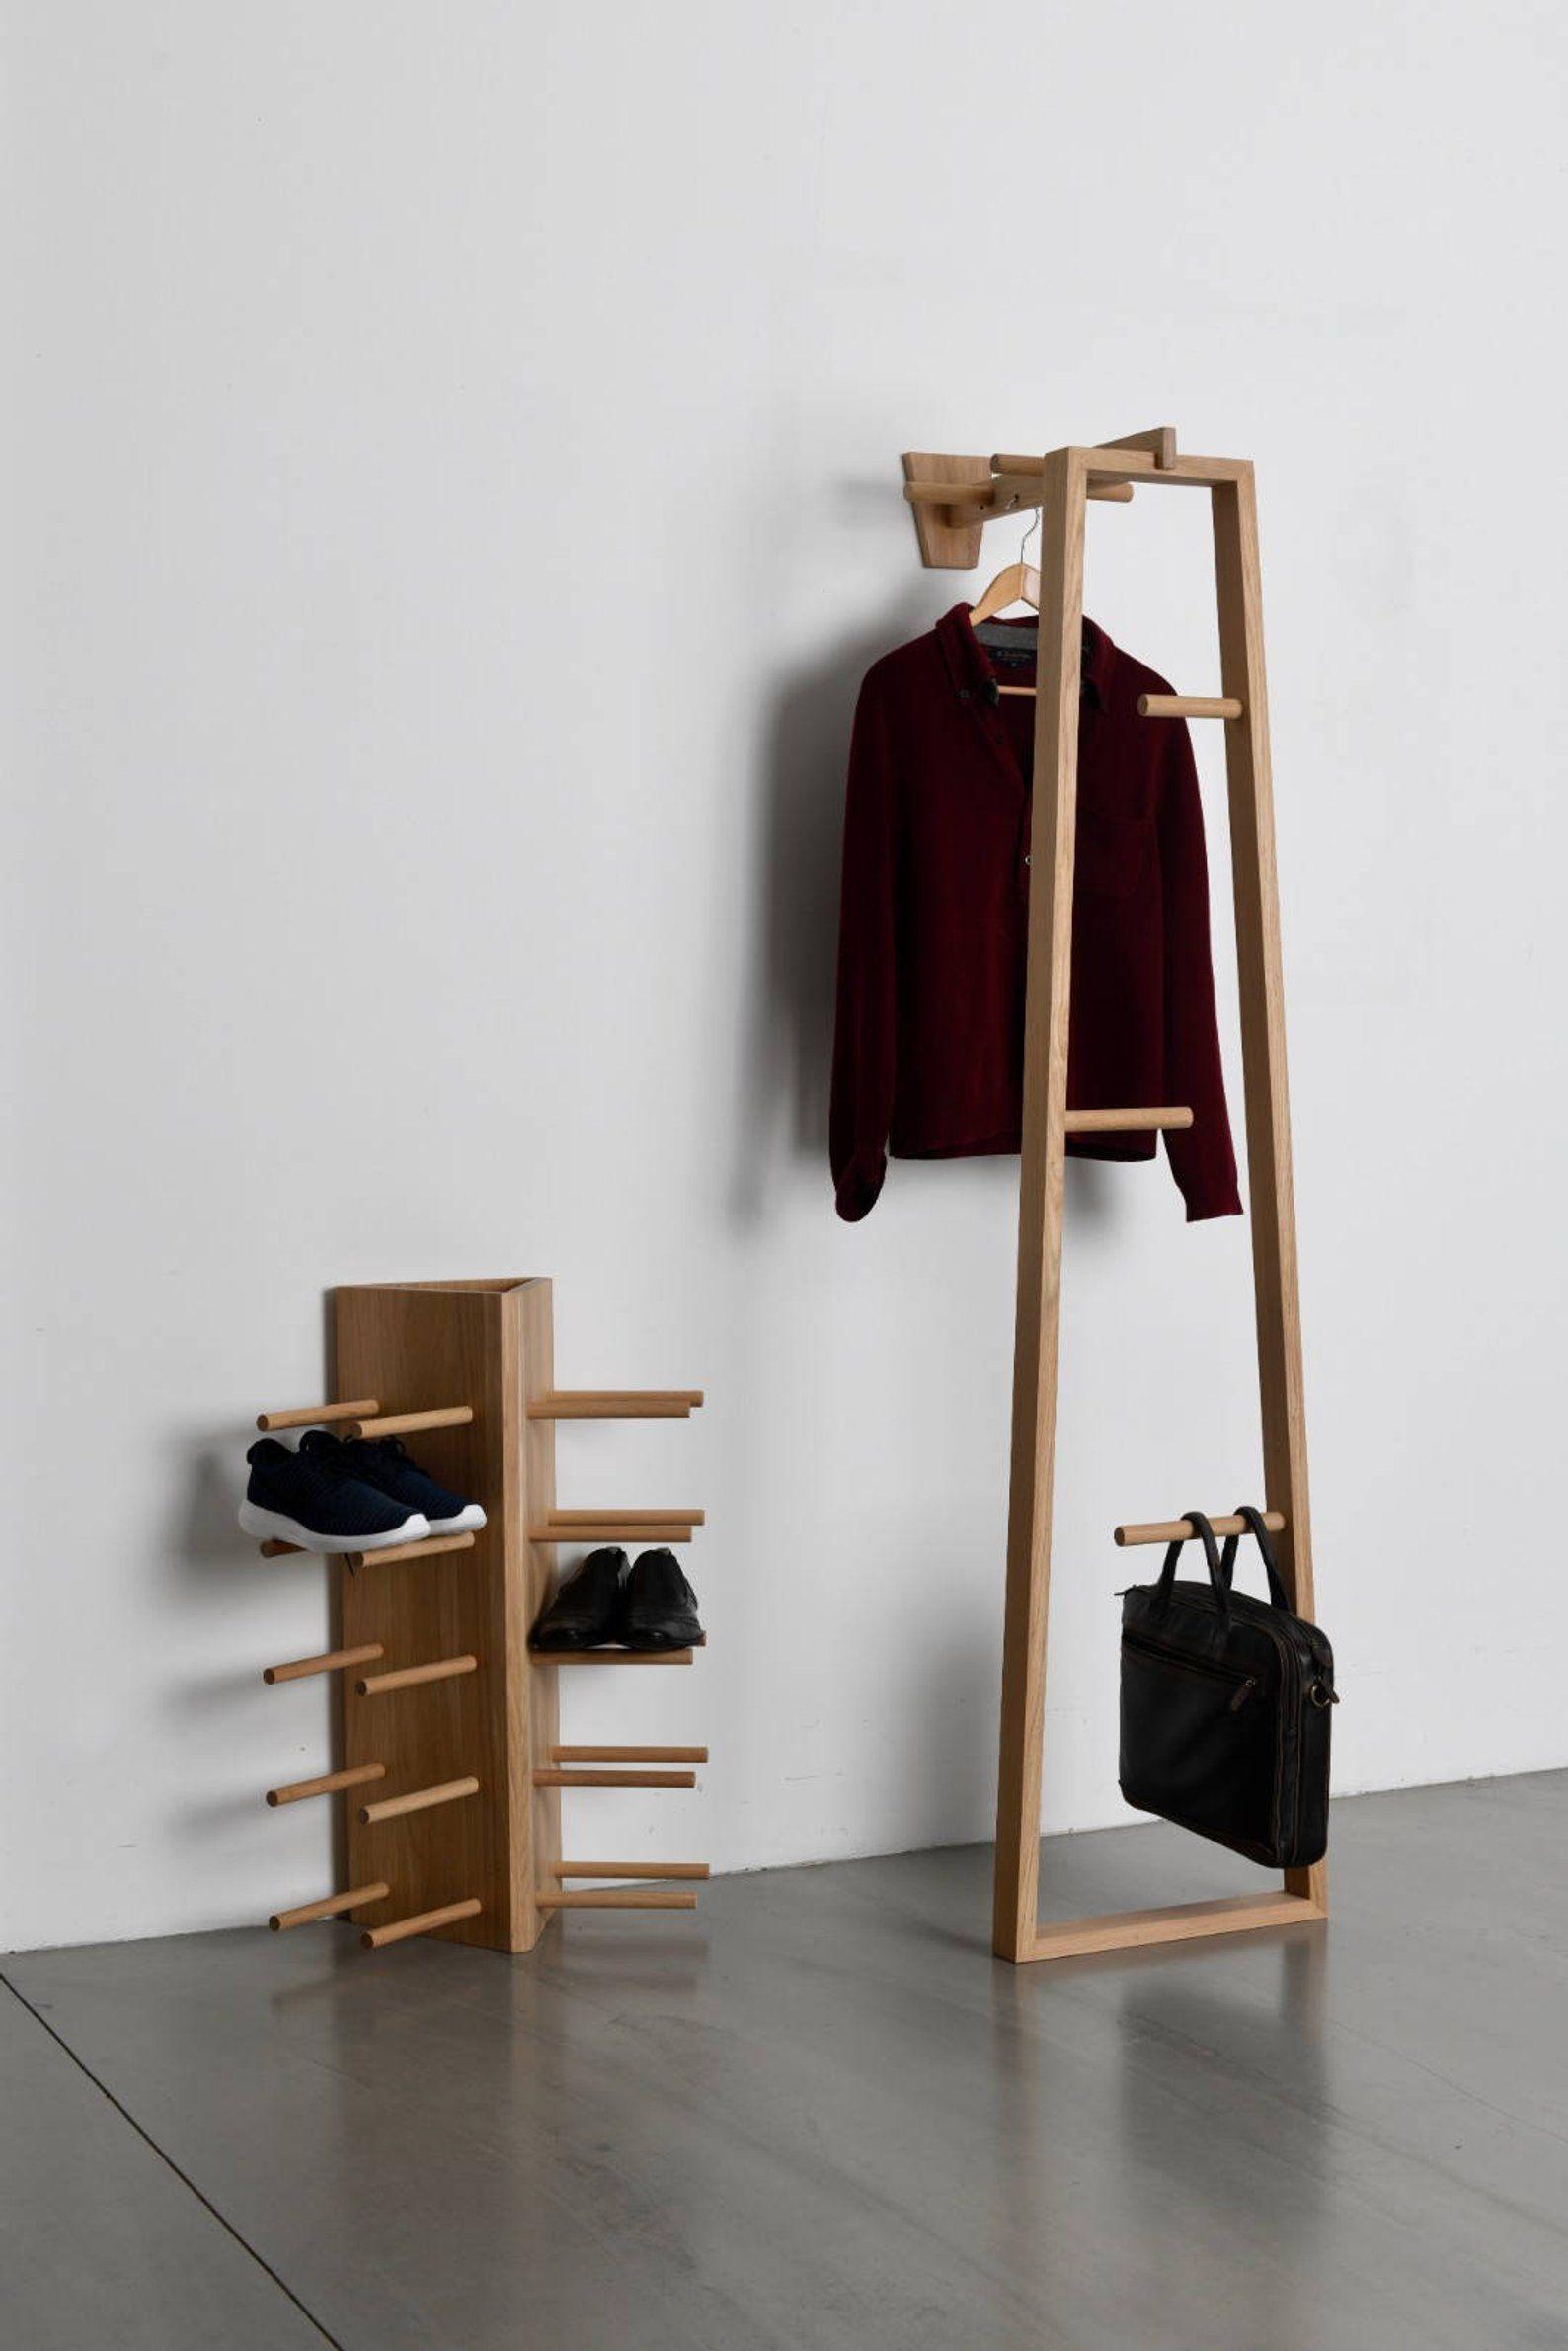 Garderobenstander Tb 13 Coat Stand Garderobe Kleiderstander Flur Mobel Holz Design Eiche Oak Hall Furniture Hallway Furniture Furniture